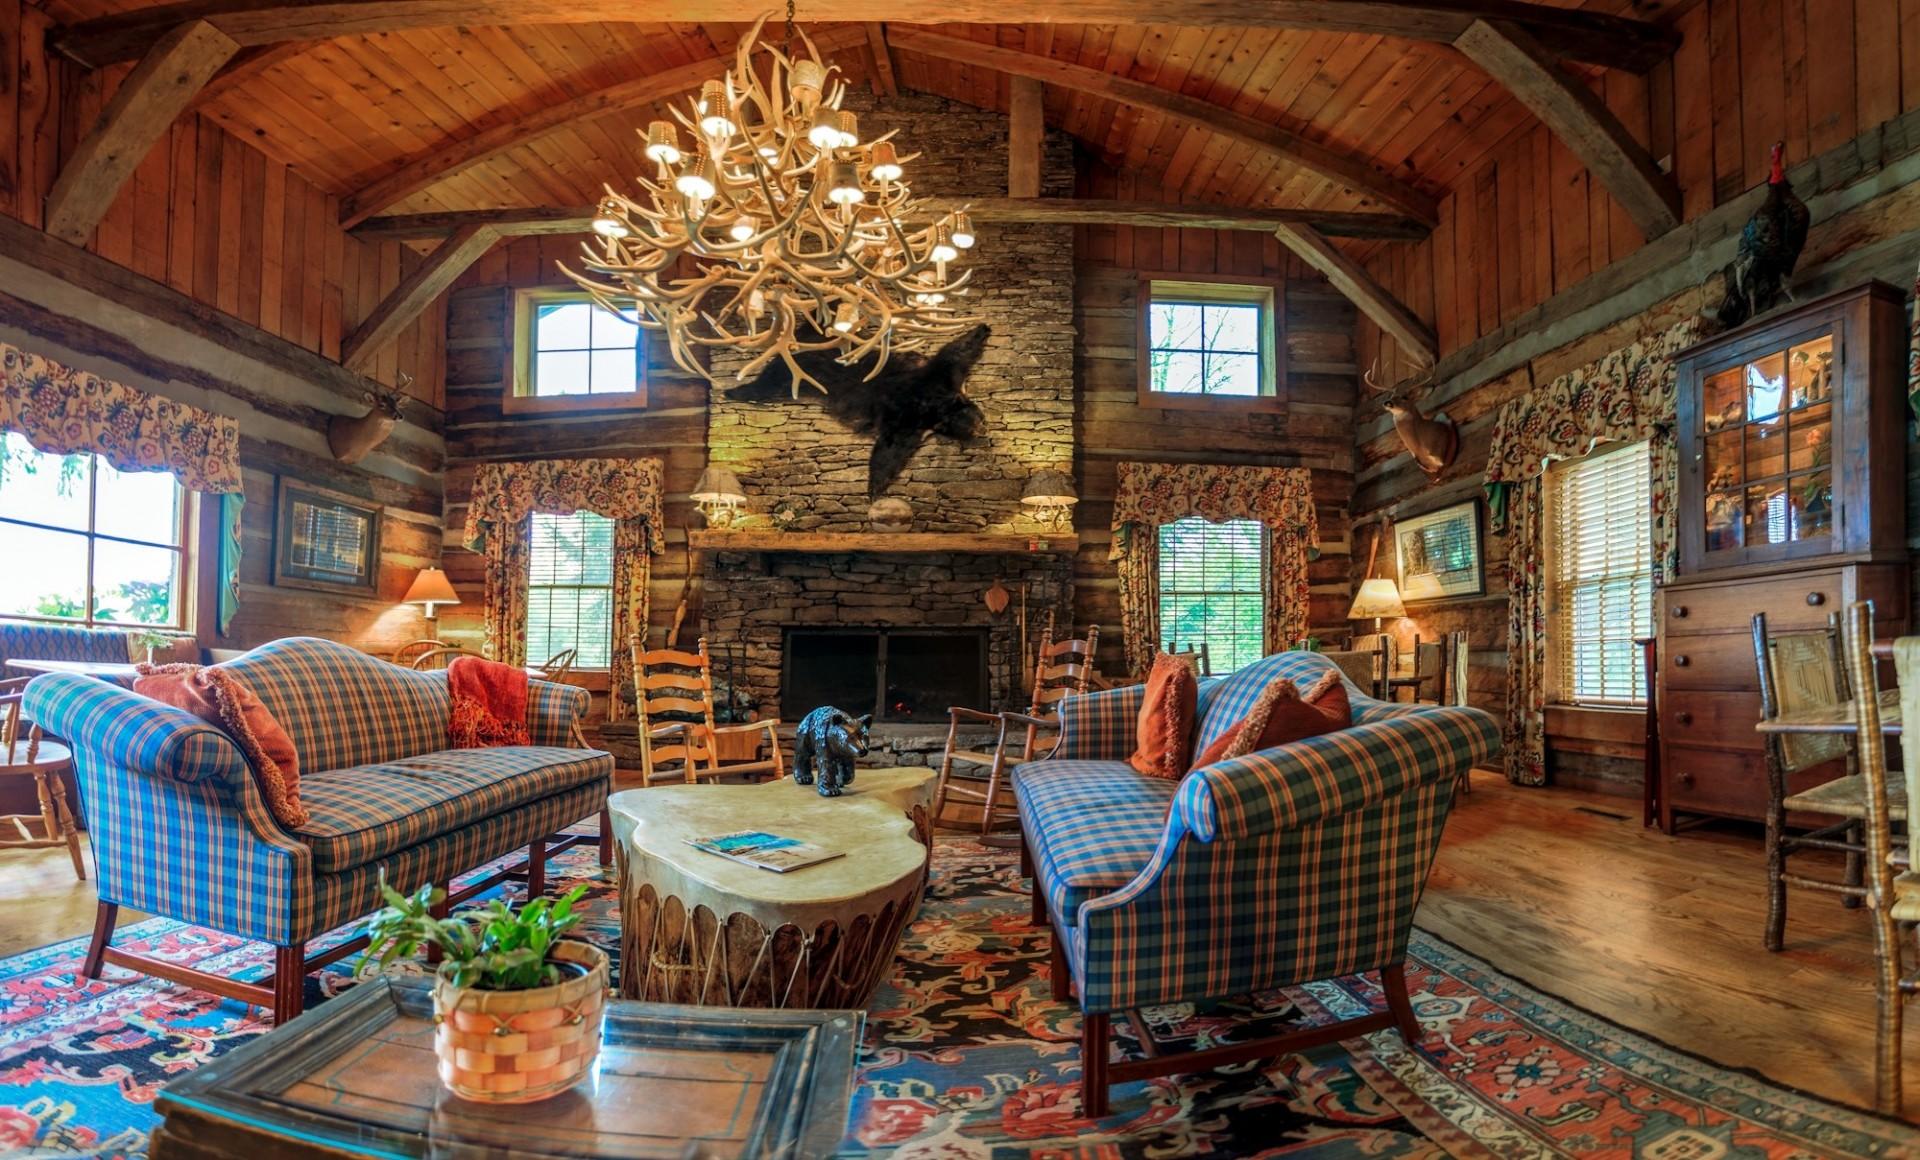 фото интерьером гостеприимный дом картинка коричневых